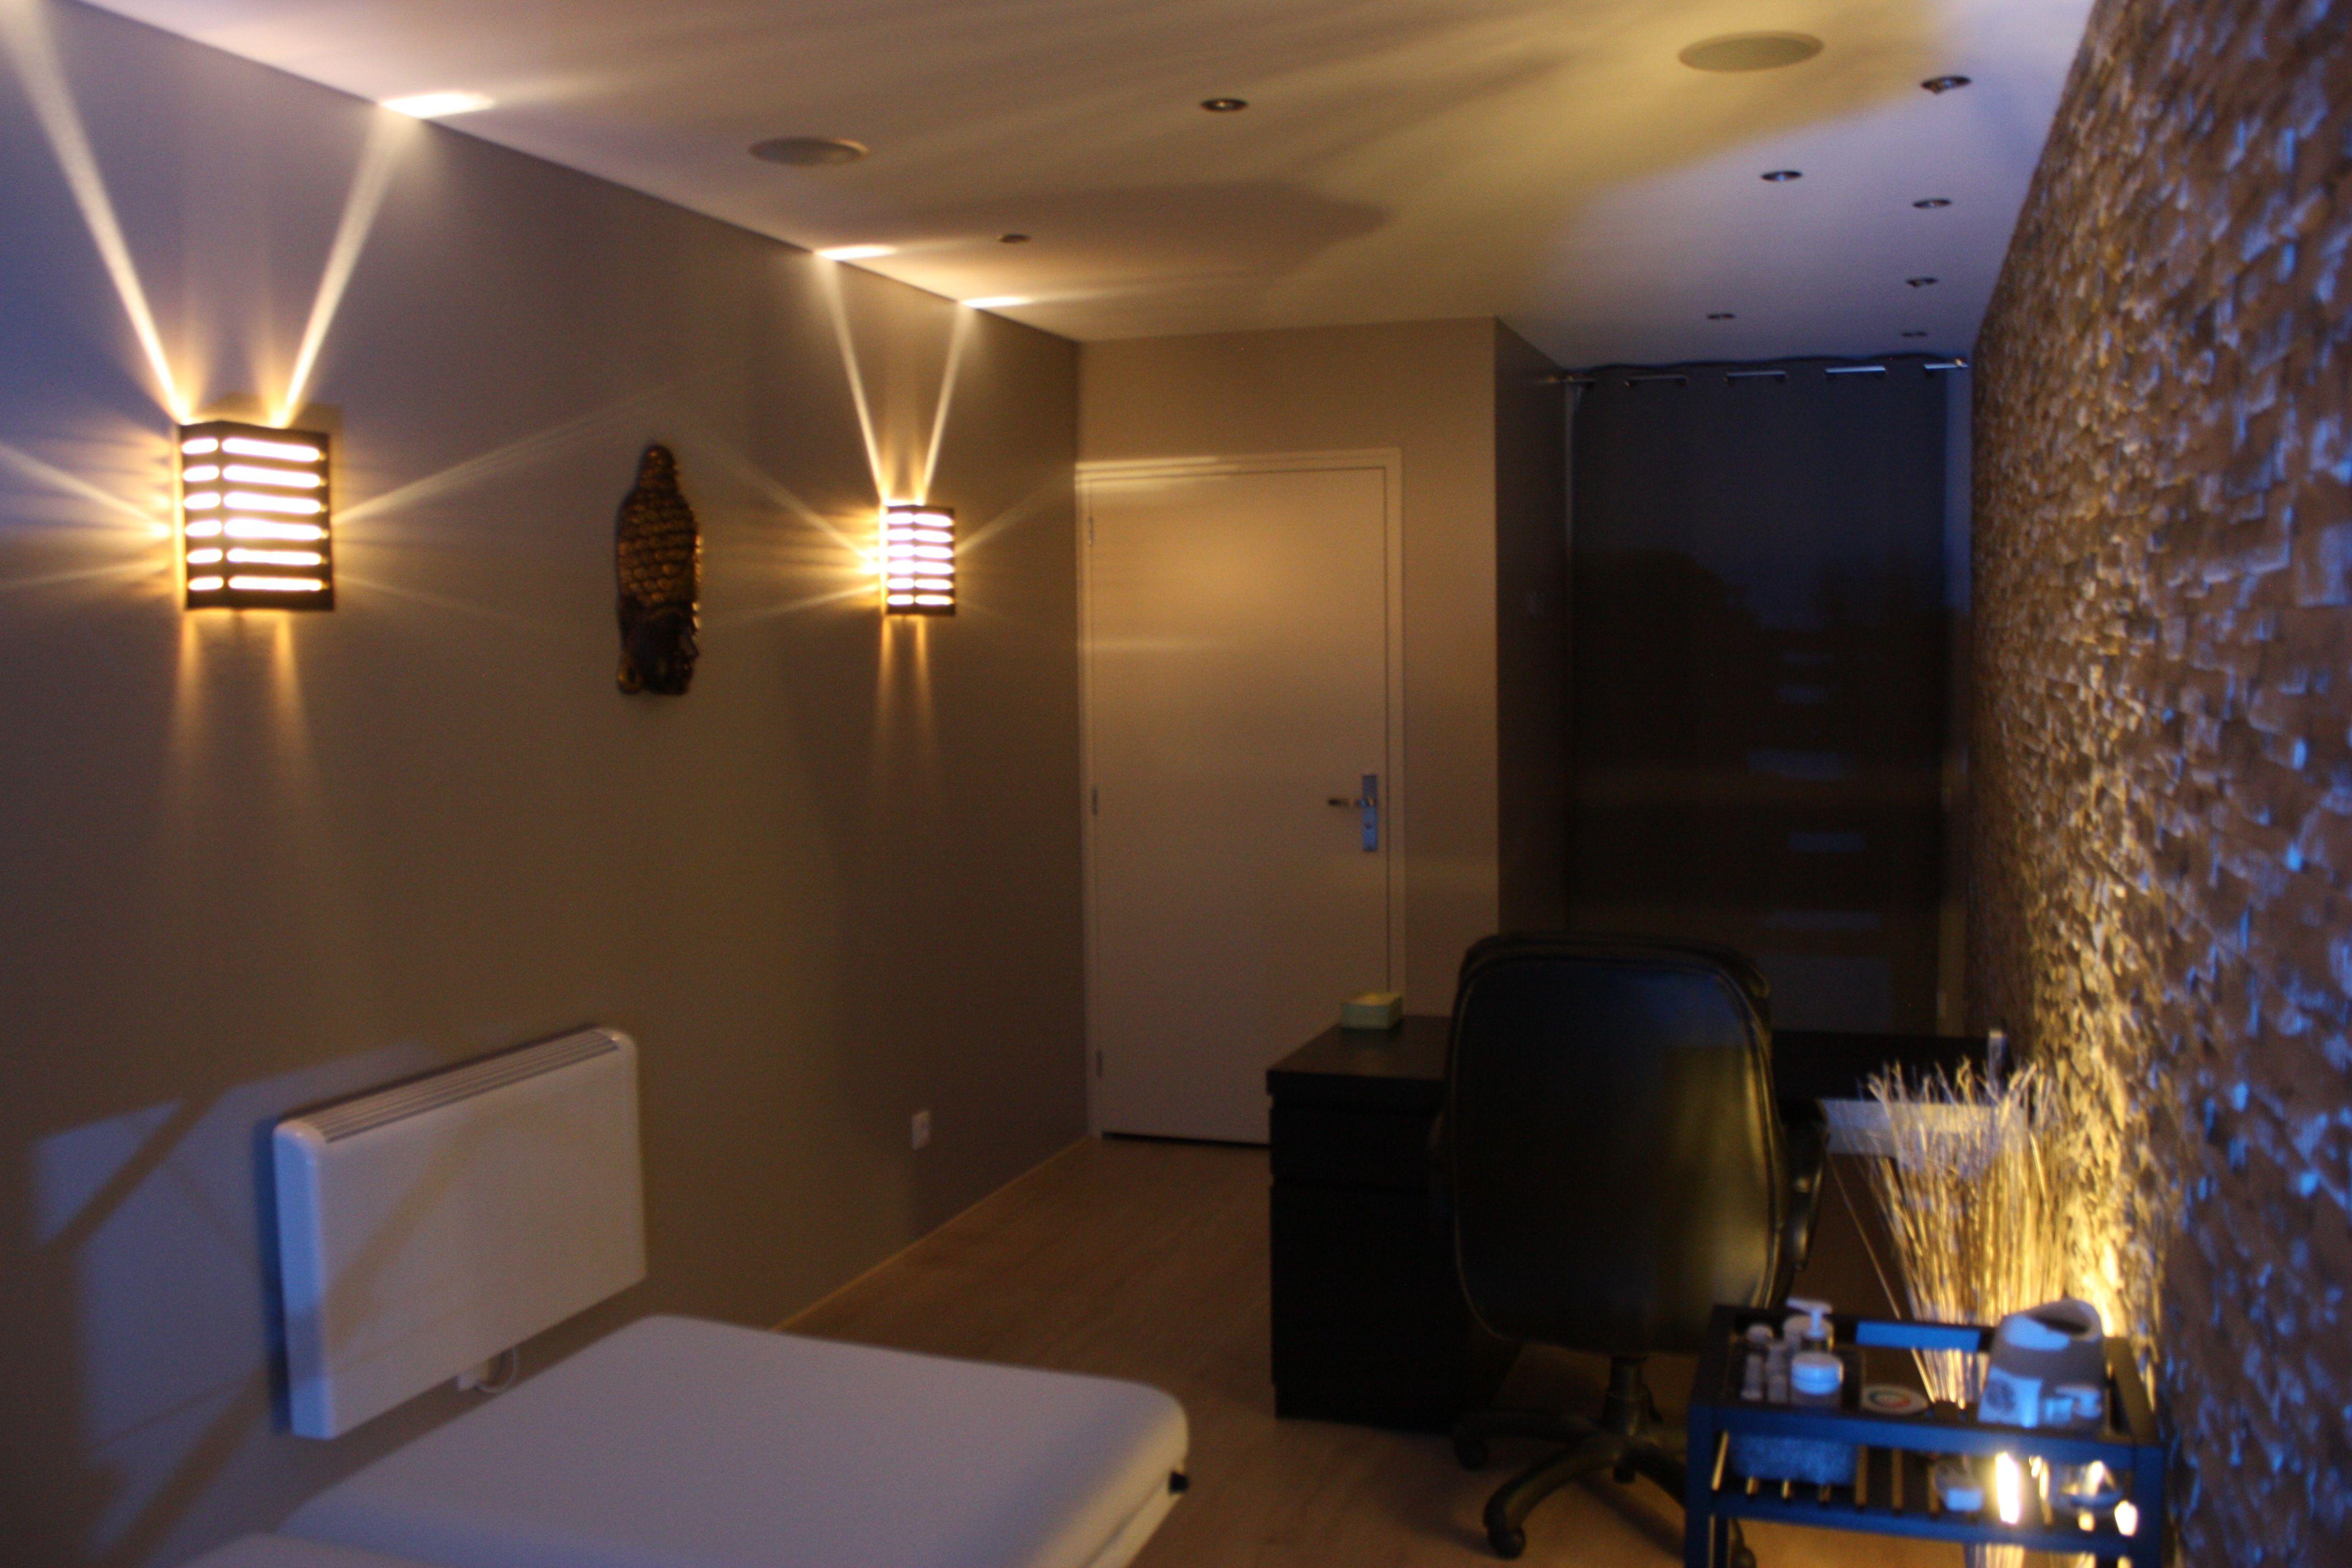 cabinet de r flexologie plantaire et institut de massages bien tre photos lille hallennes. Black Bedroom Furniture Sets. Home Design Ideas